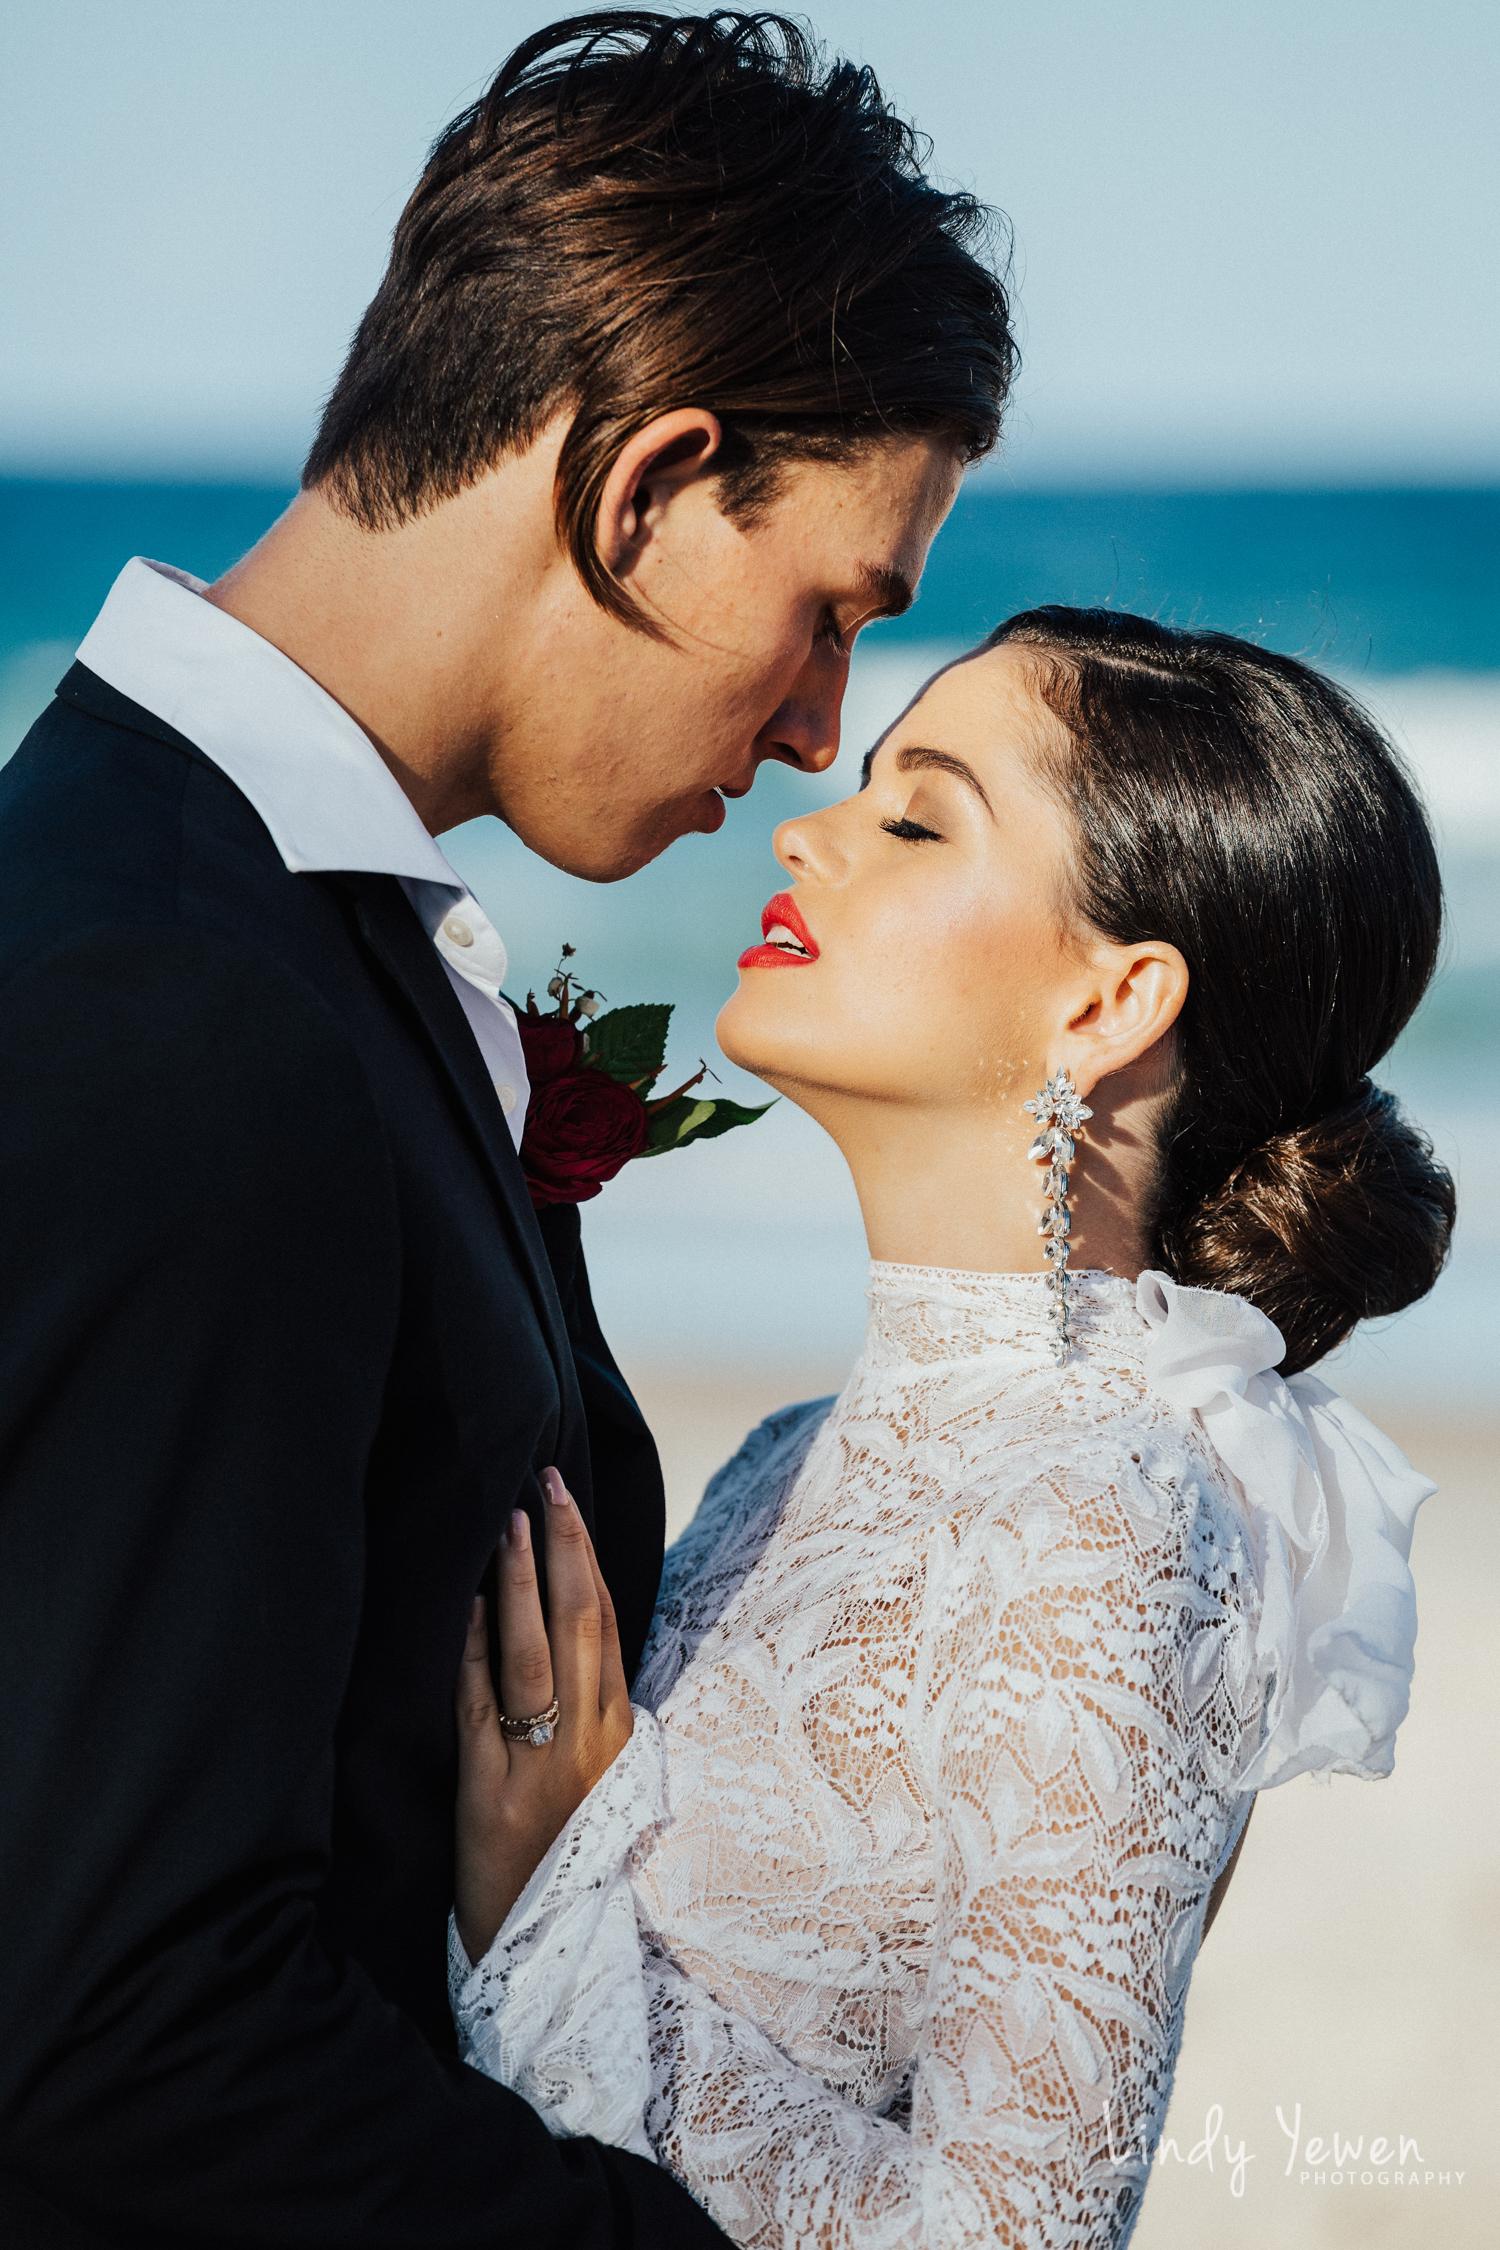 Lindy-Yewen-Photography-Spanish-Wedding 116.jpg